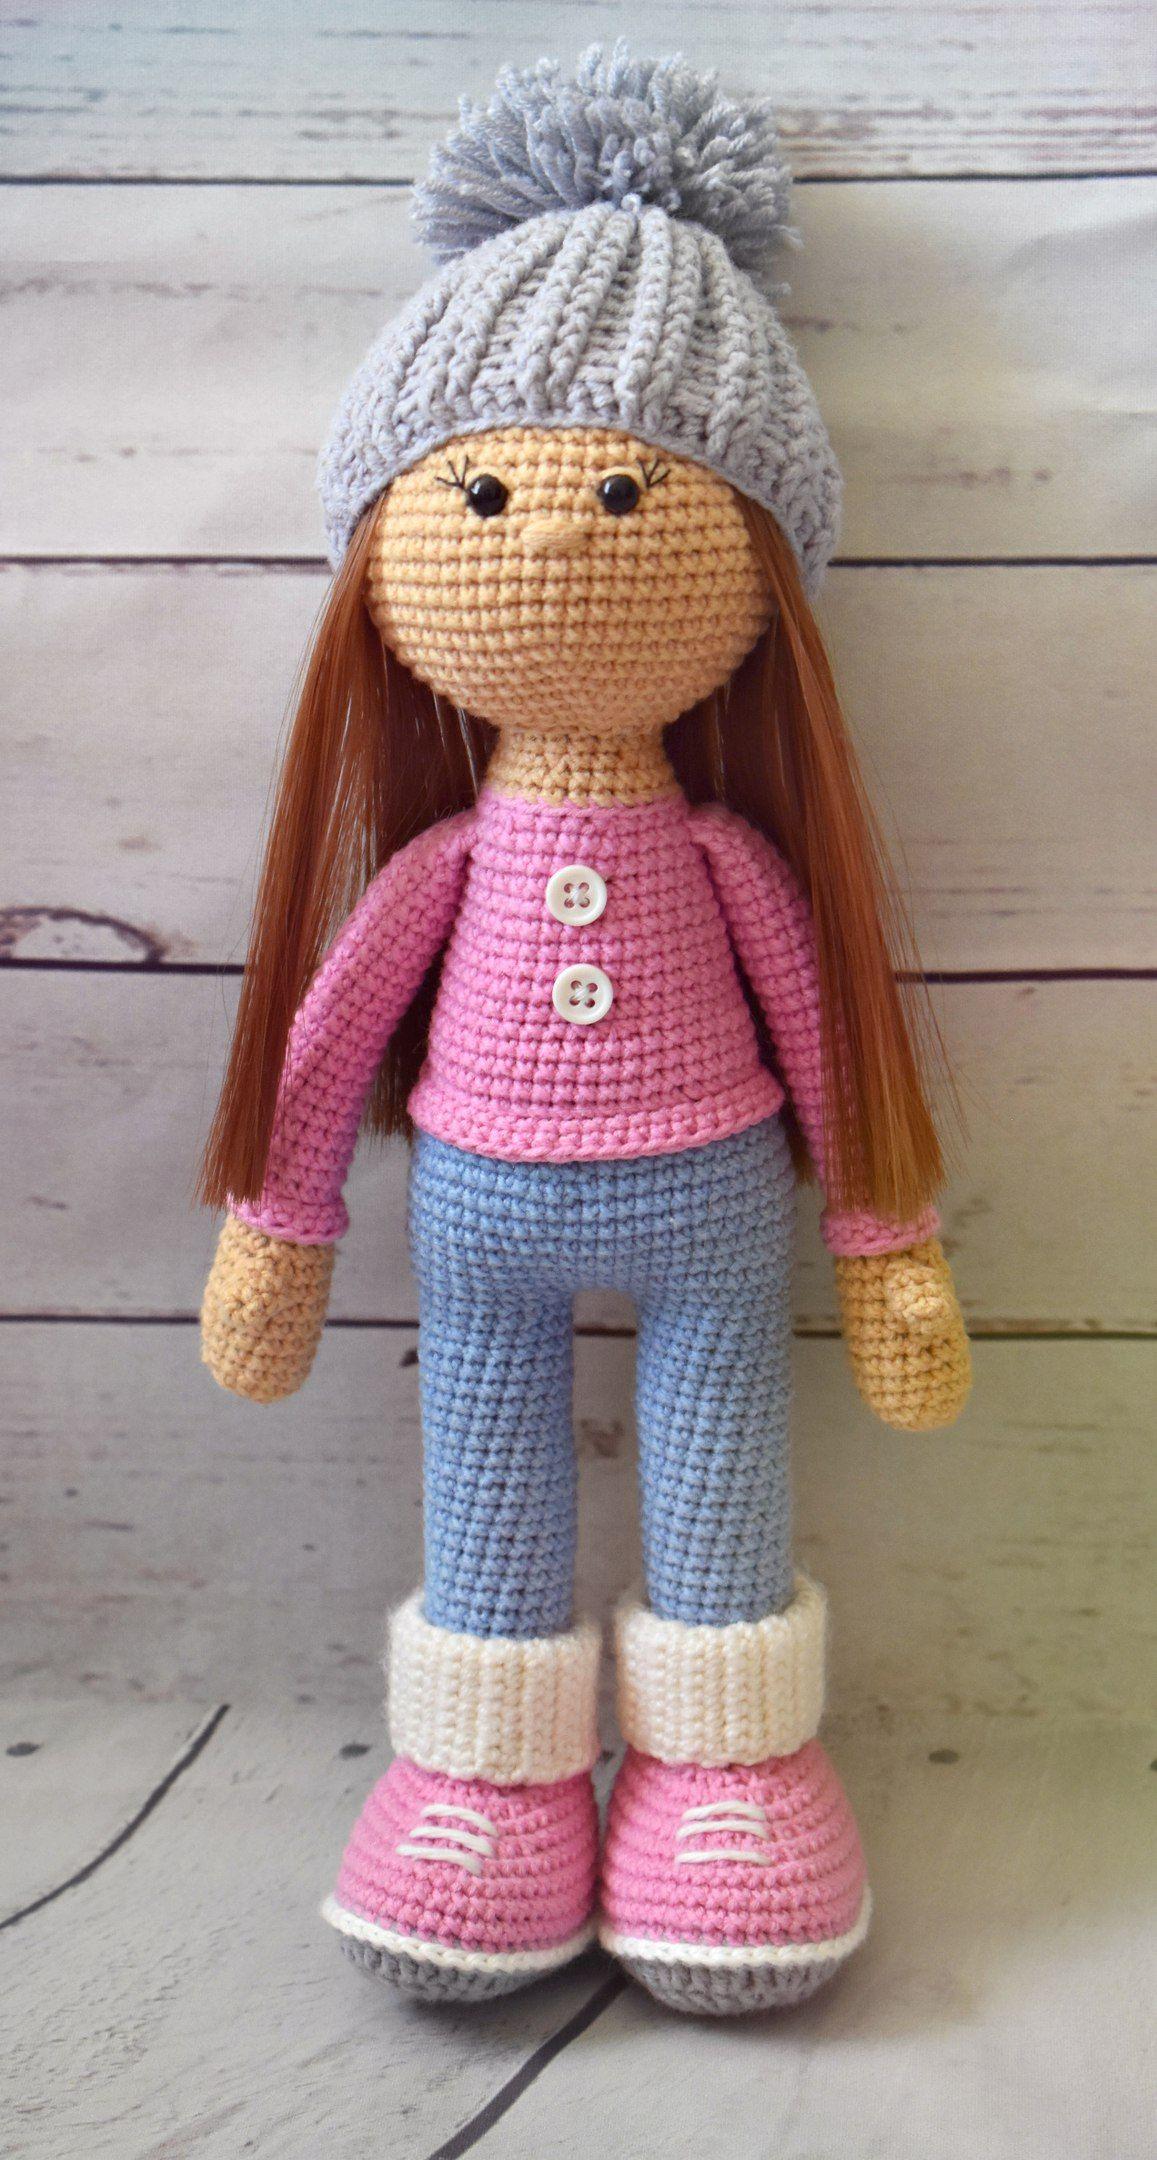 Кукла Стеша крючком: схема куклы амигуруми | AmiguRoom ...